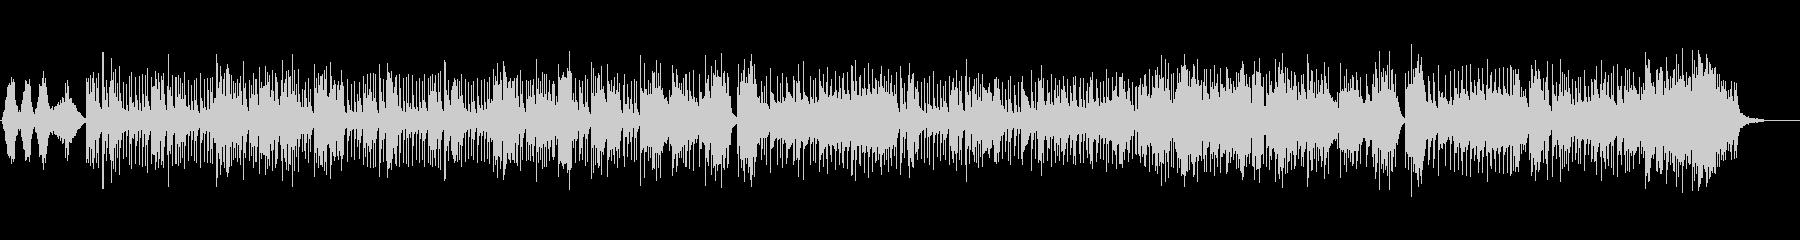 オリエンタル・ムードのポップスの未再生の波形